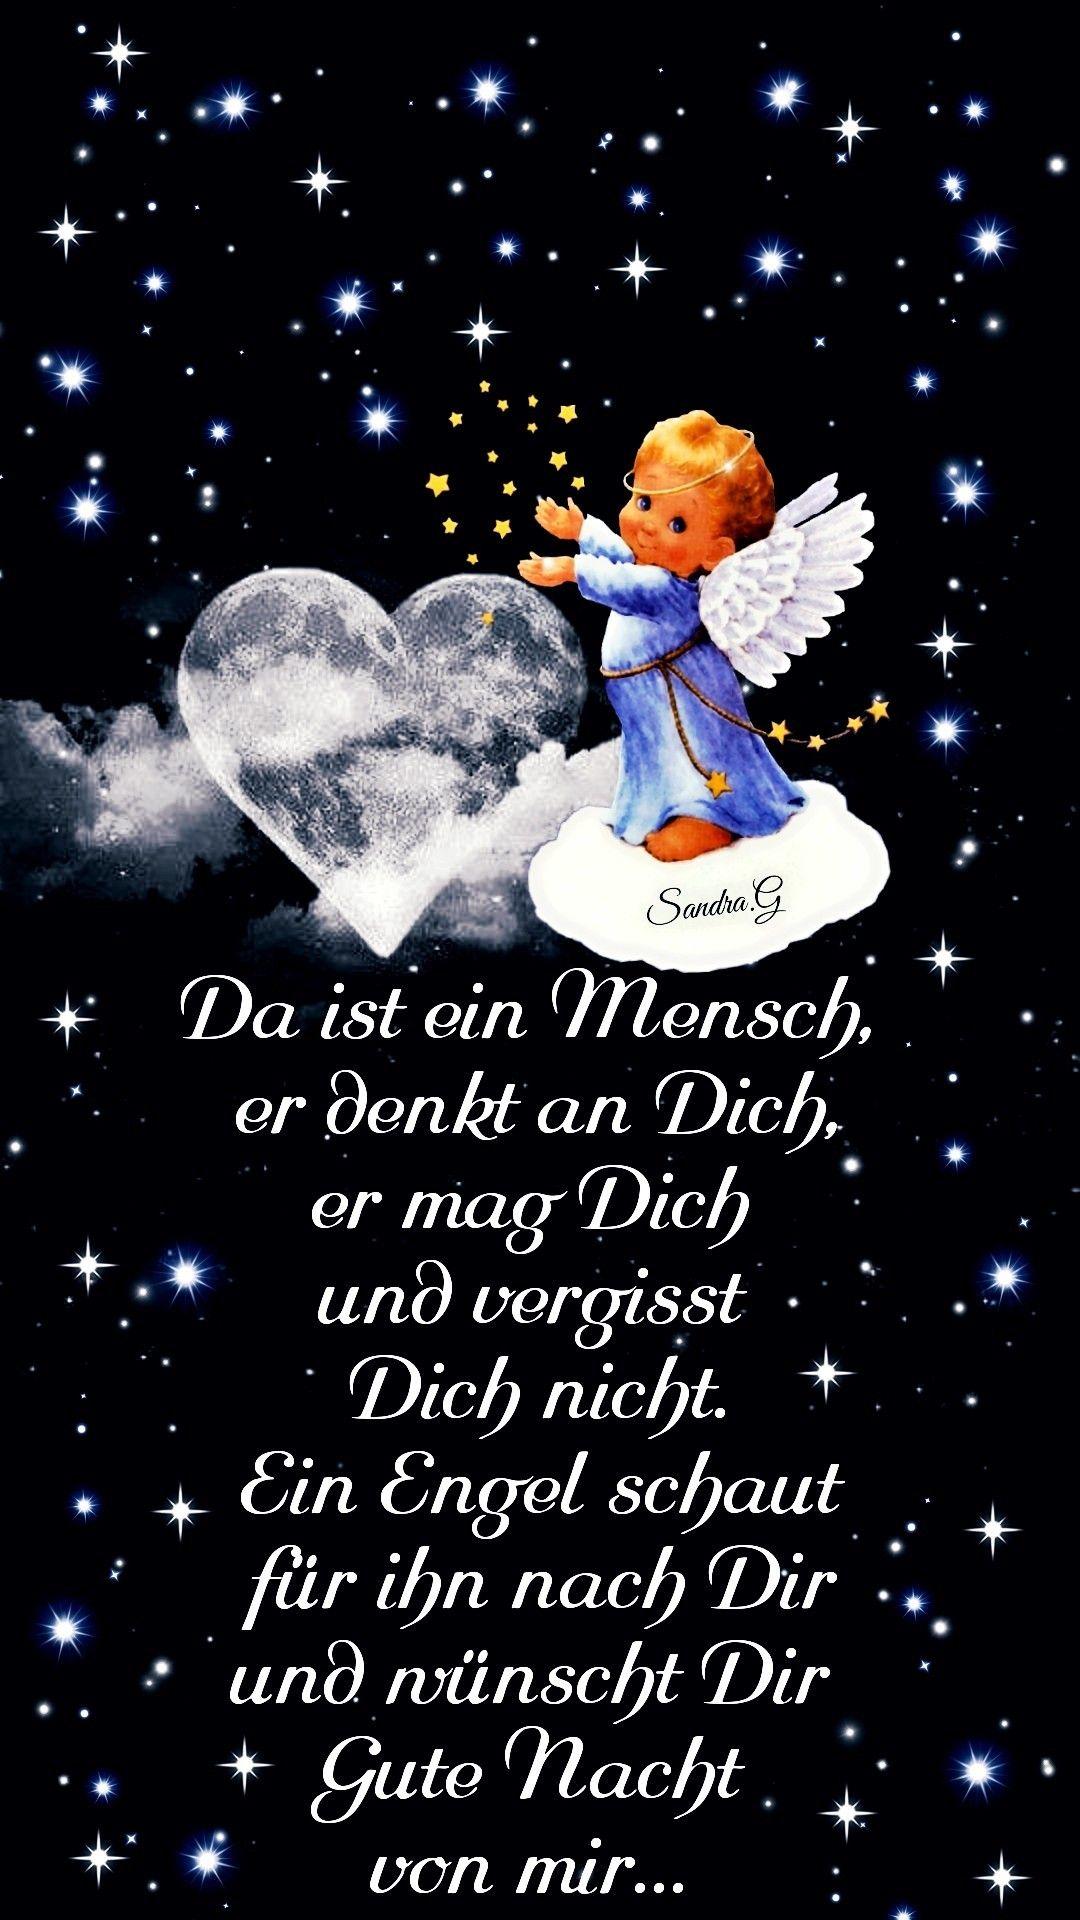 Pin Von Ginette Vagnarelli Auf Sprichwörter 2 | Gute Nacht für Bilder Engel Kostenlos